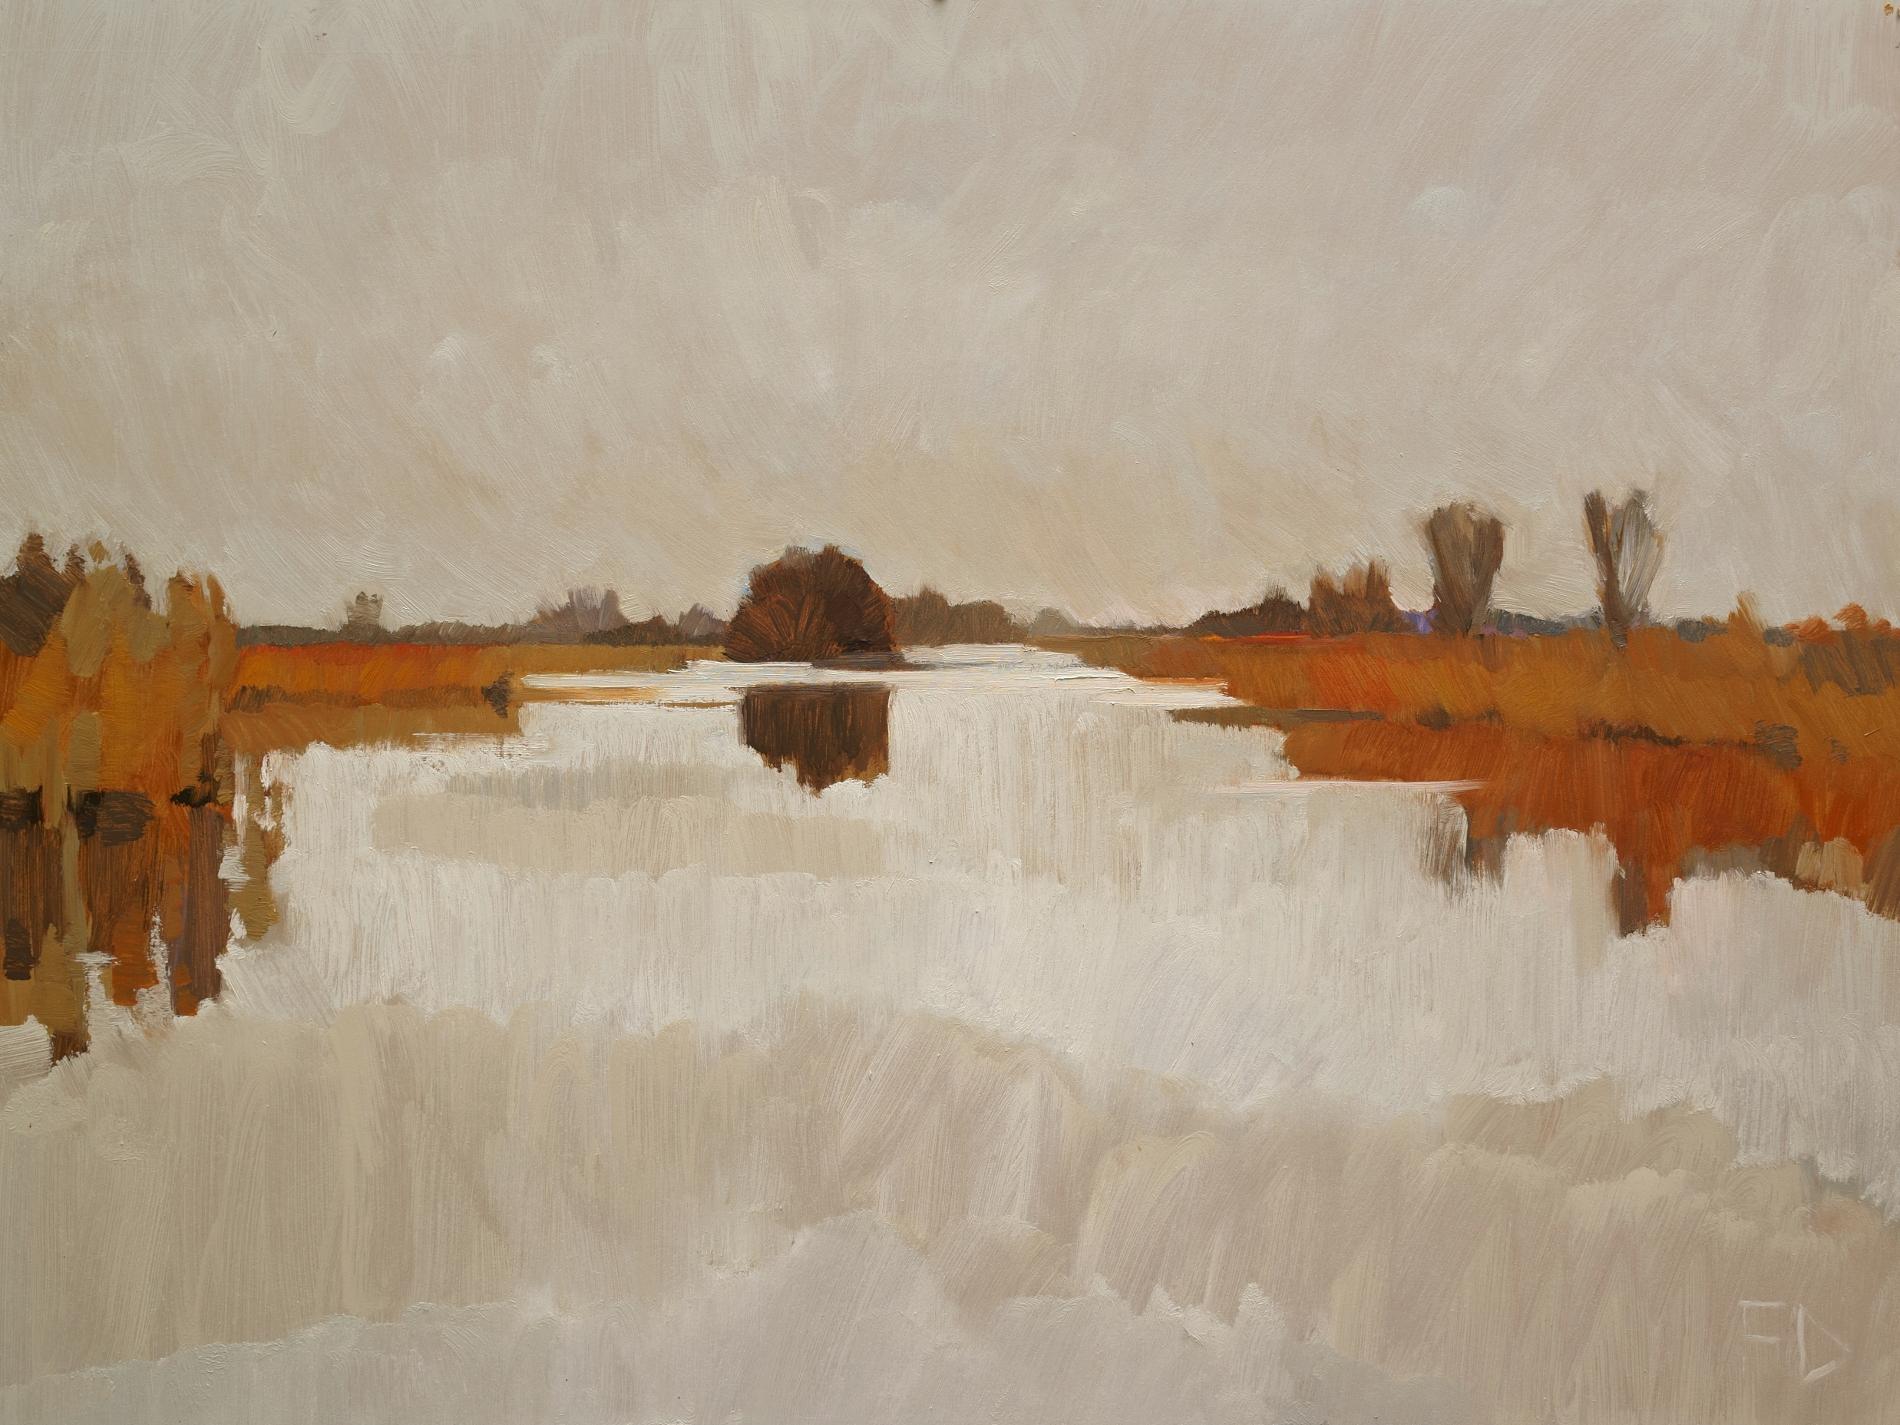 Frank Dekkers Winter in aantocht 17-12-13 olieverf op paneel 60 x 80 cm